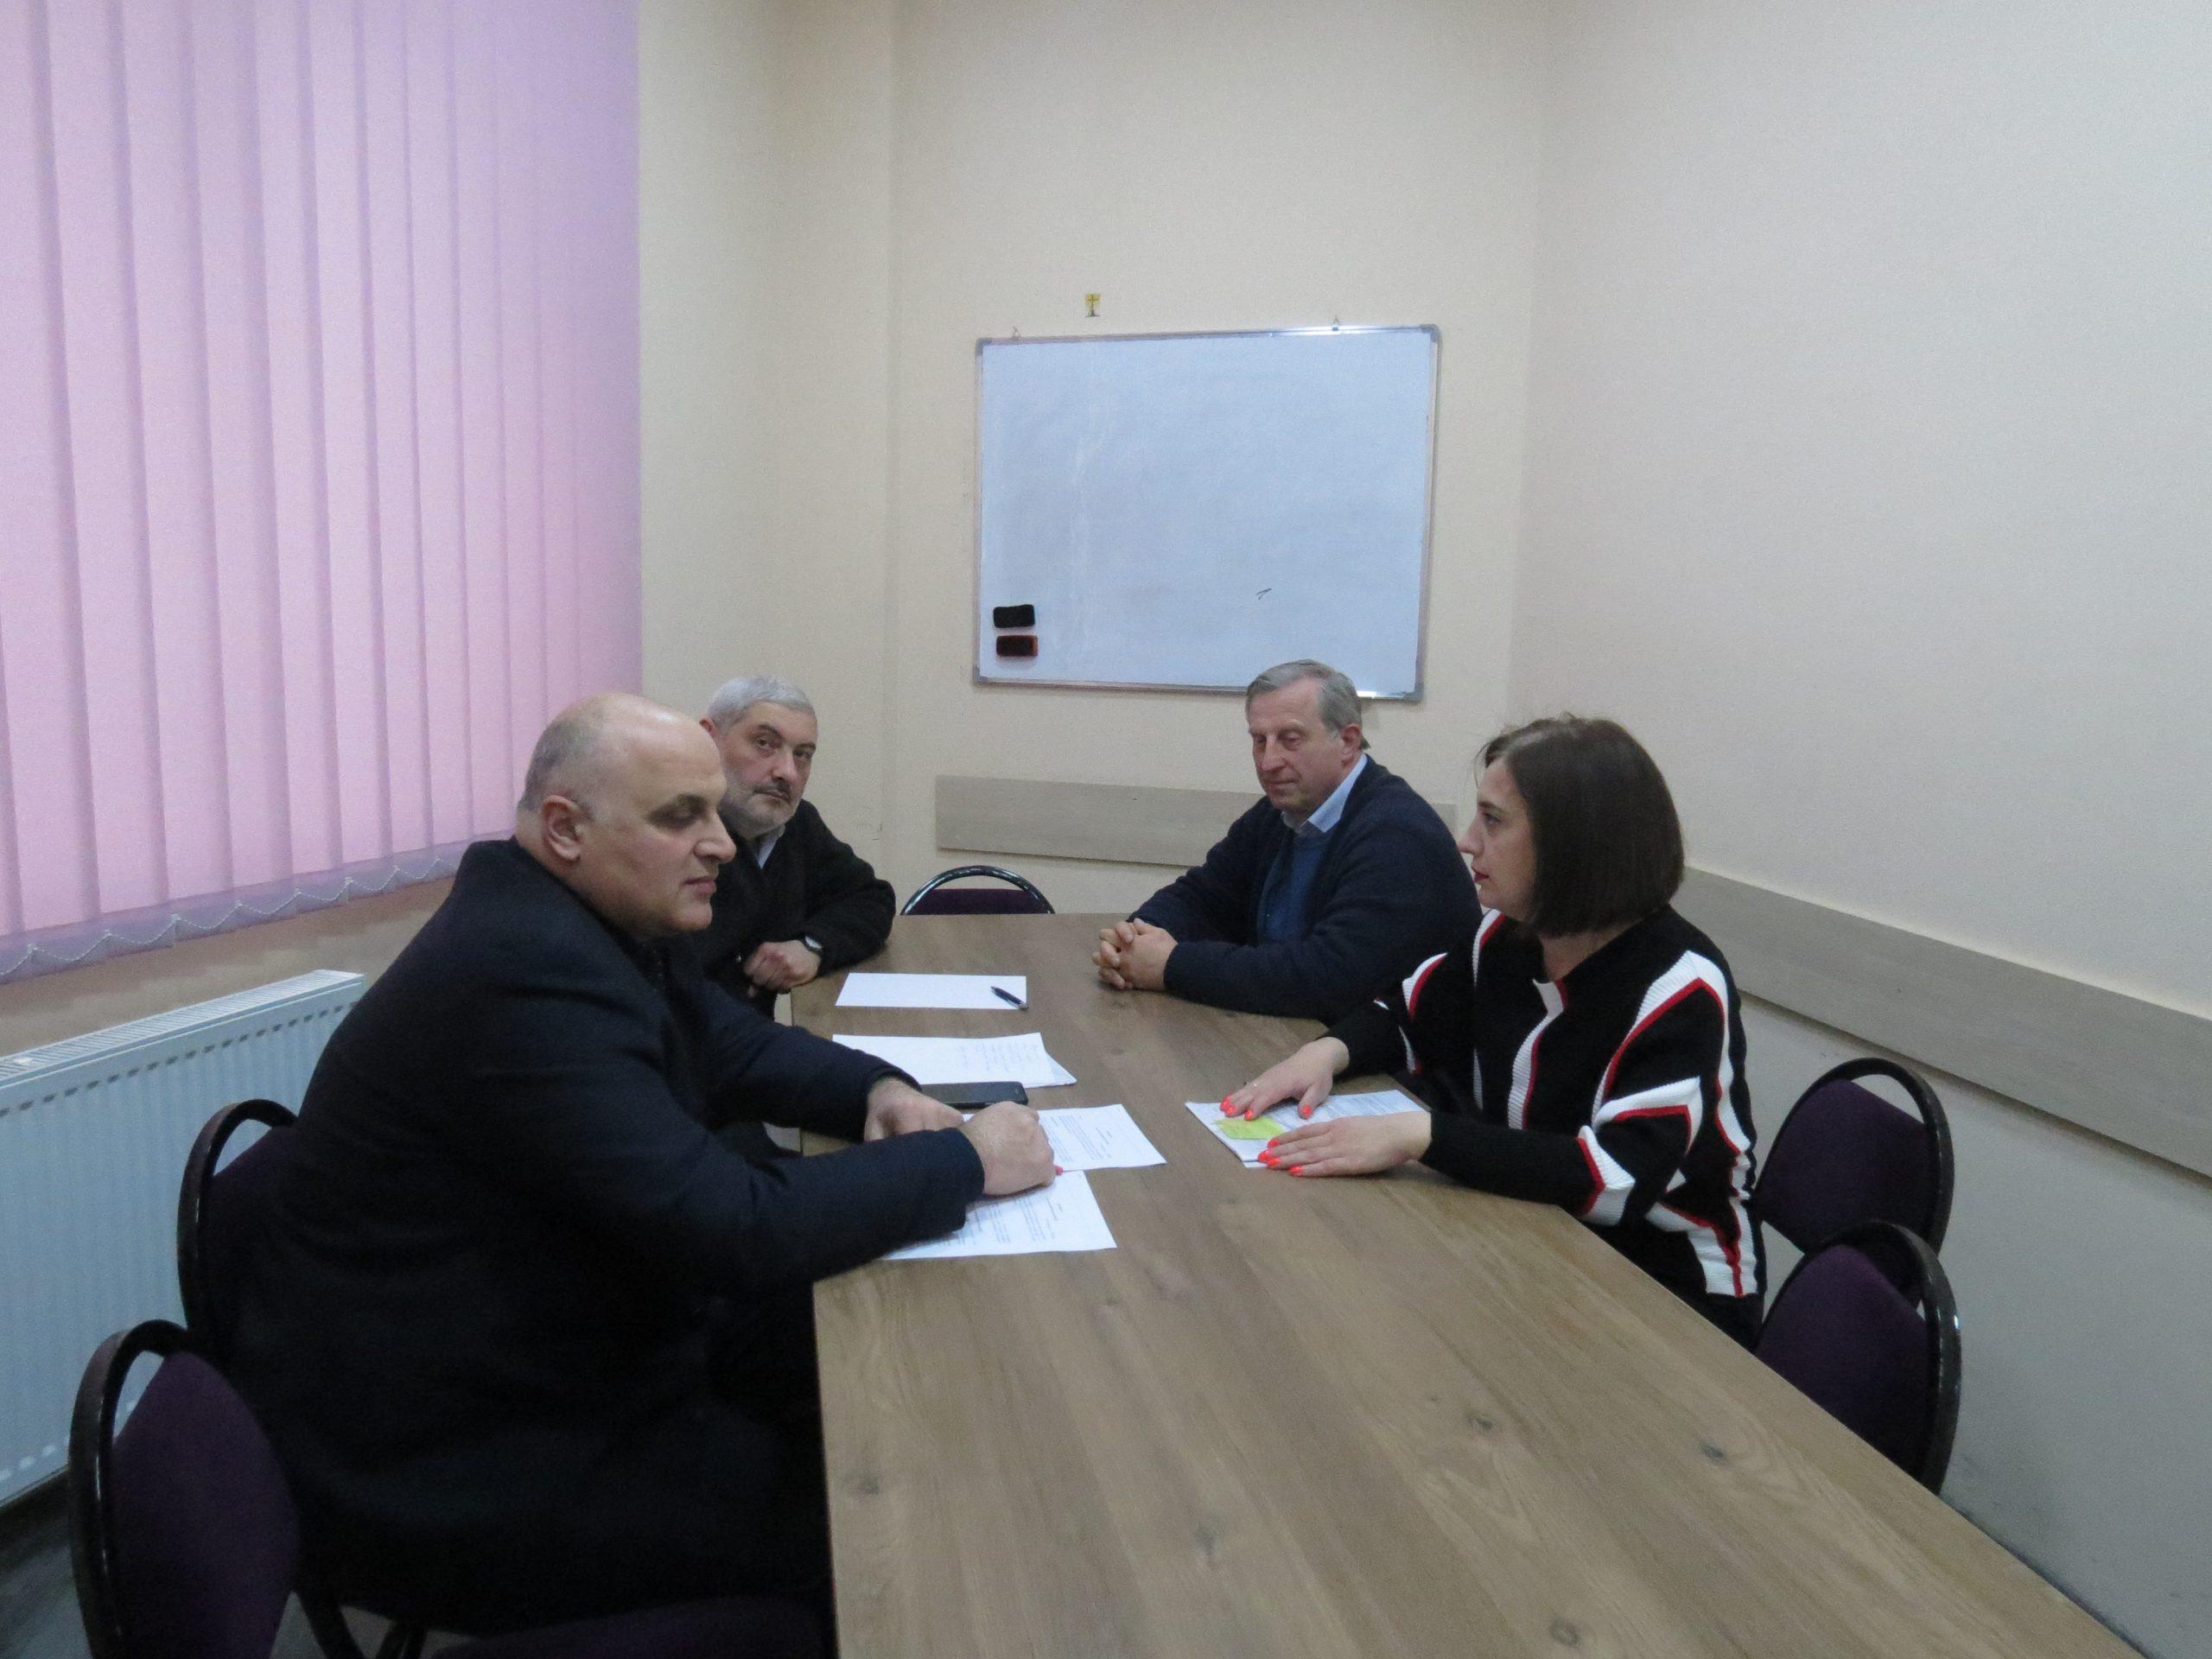 """მემორანდუმი ურთიერთთანამშრომლობის შესახებ""""ქართულ-ევროპული განათლების აკადემიასთან"""""""